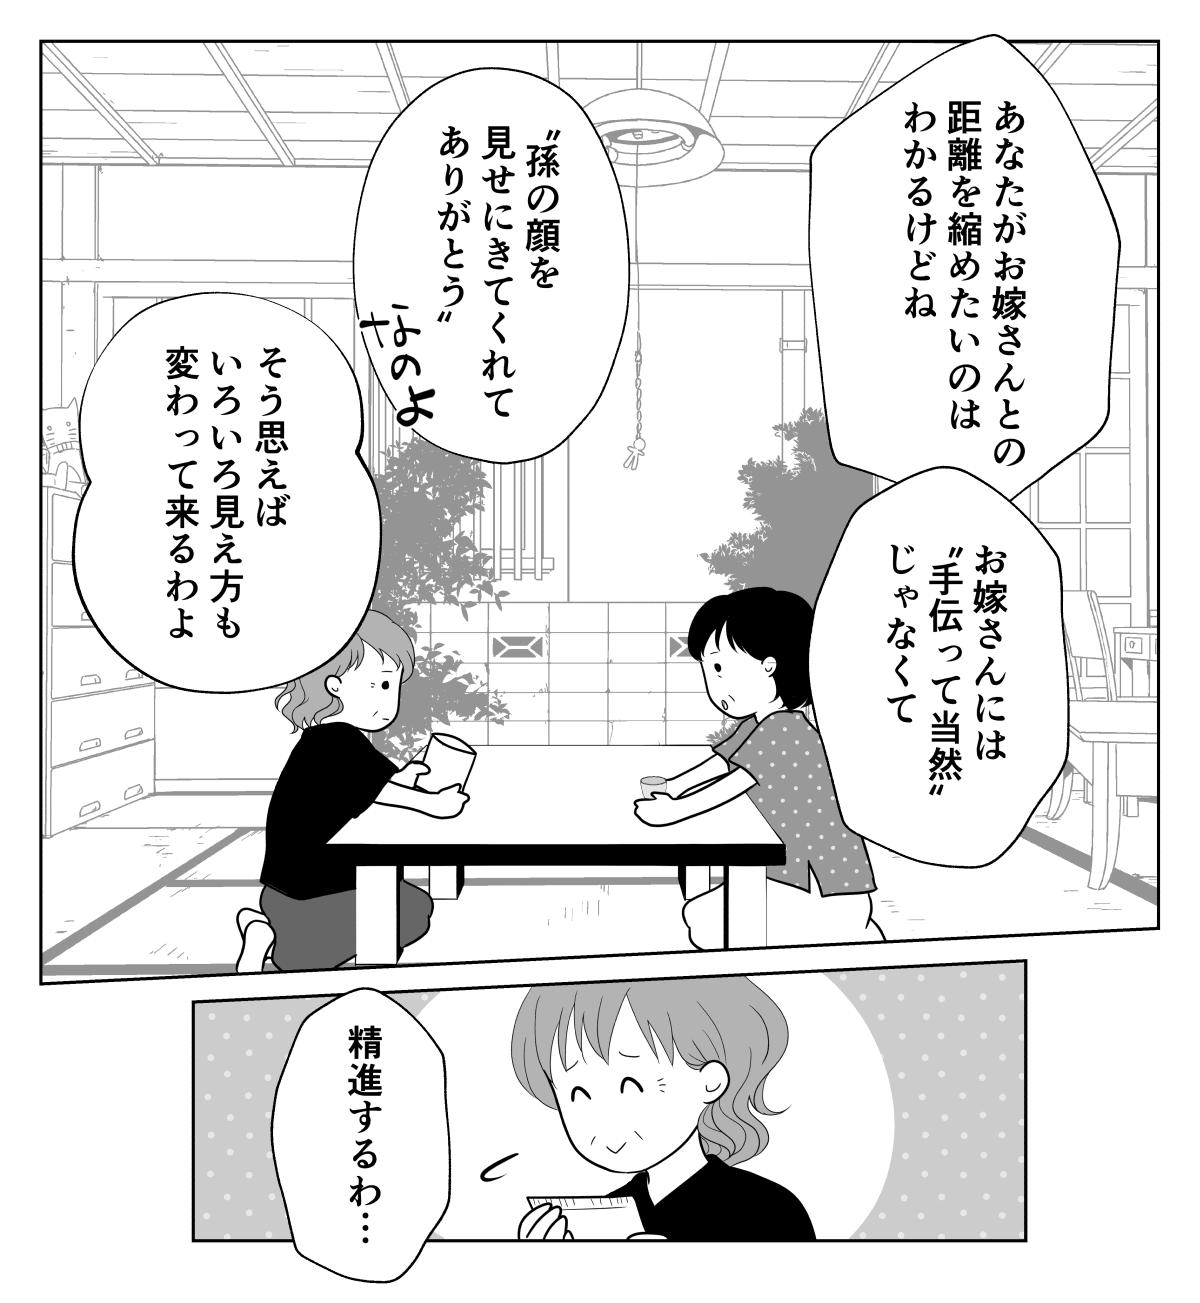 【SIDE姑】4